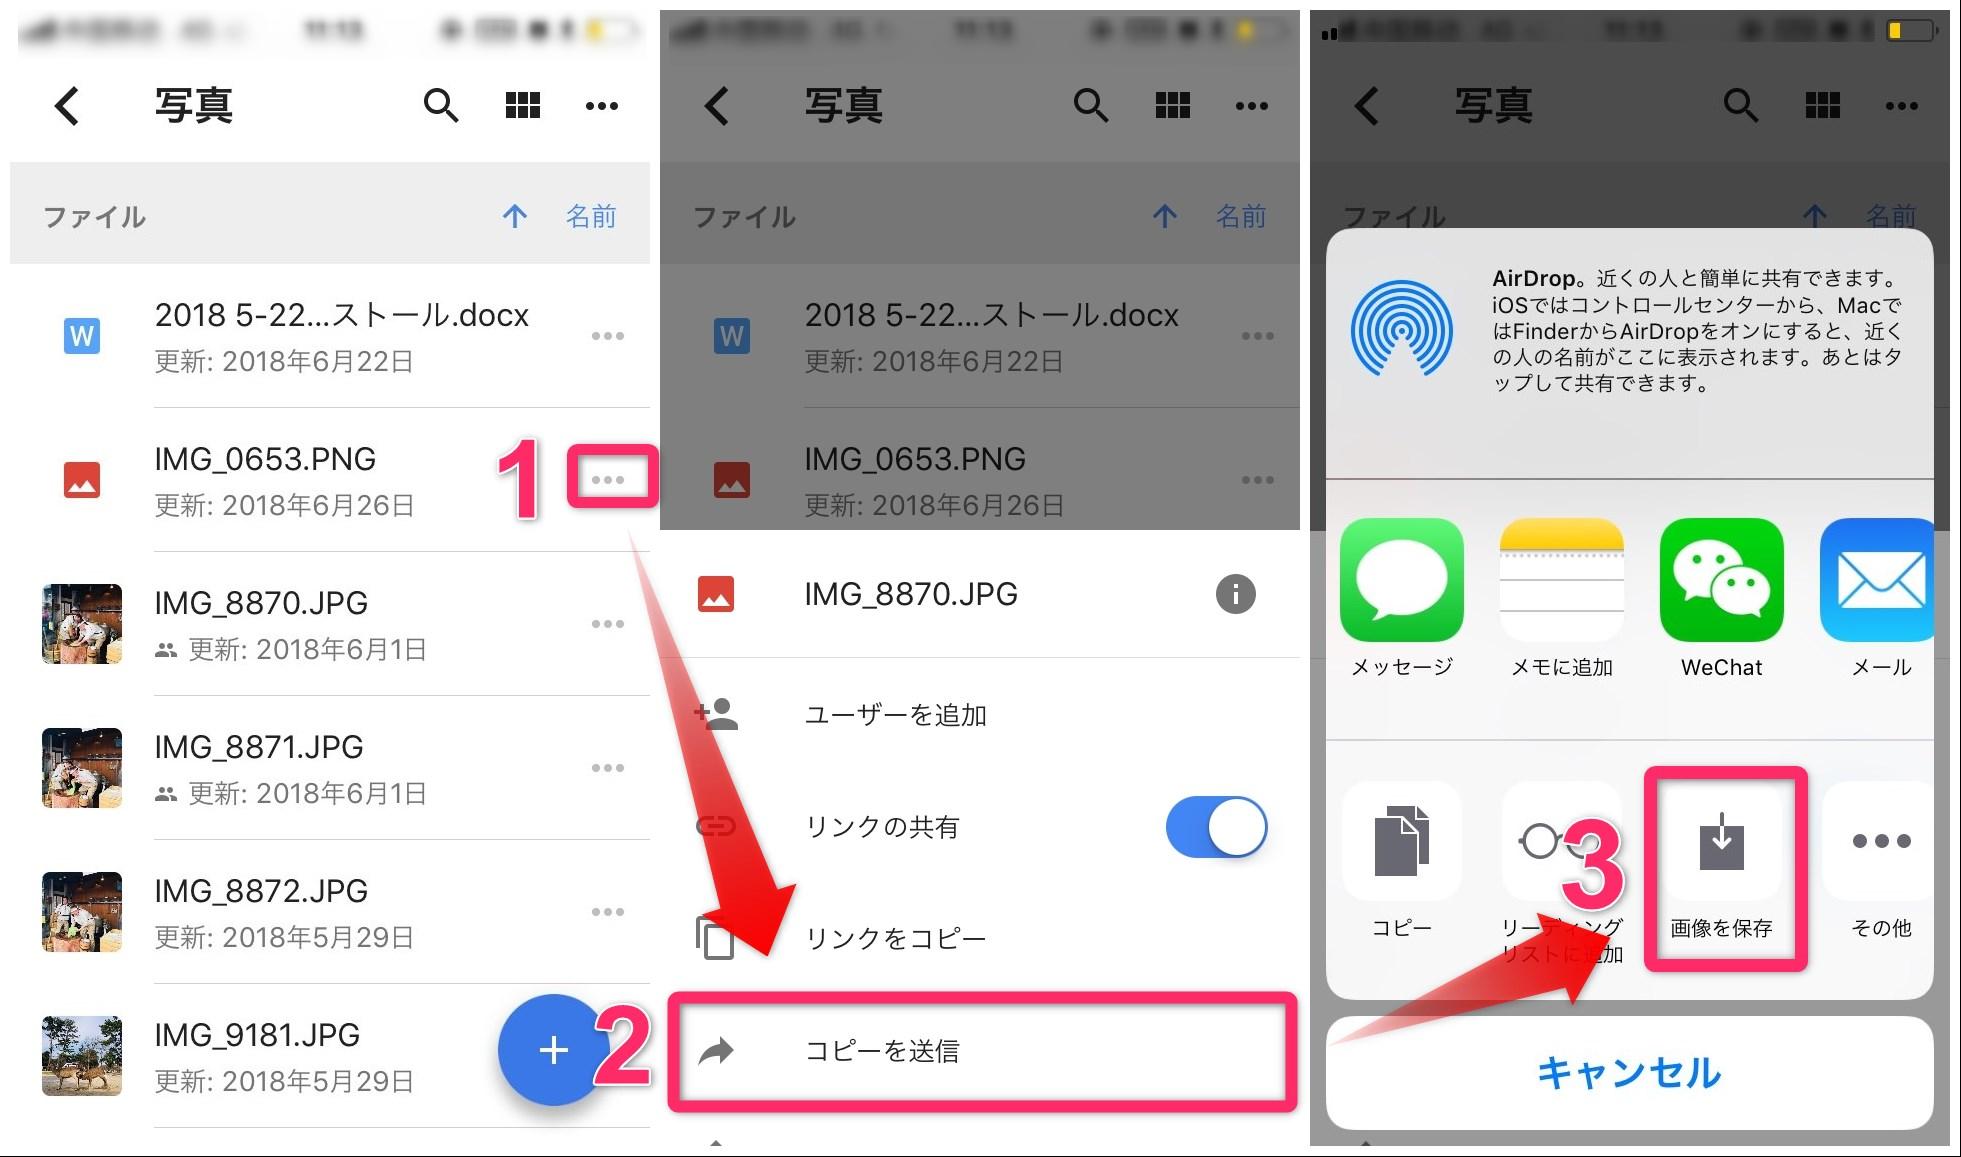 Google Driveからiphoneにデータをダウンロードする2つの方法